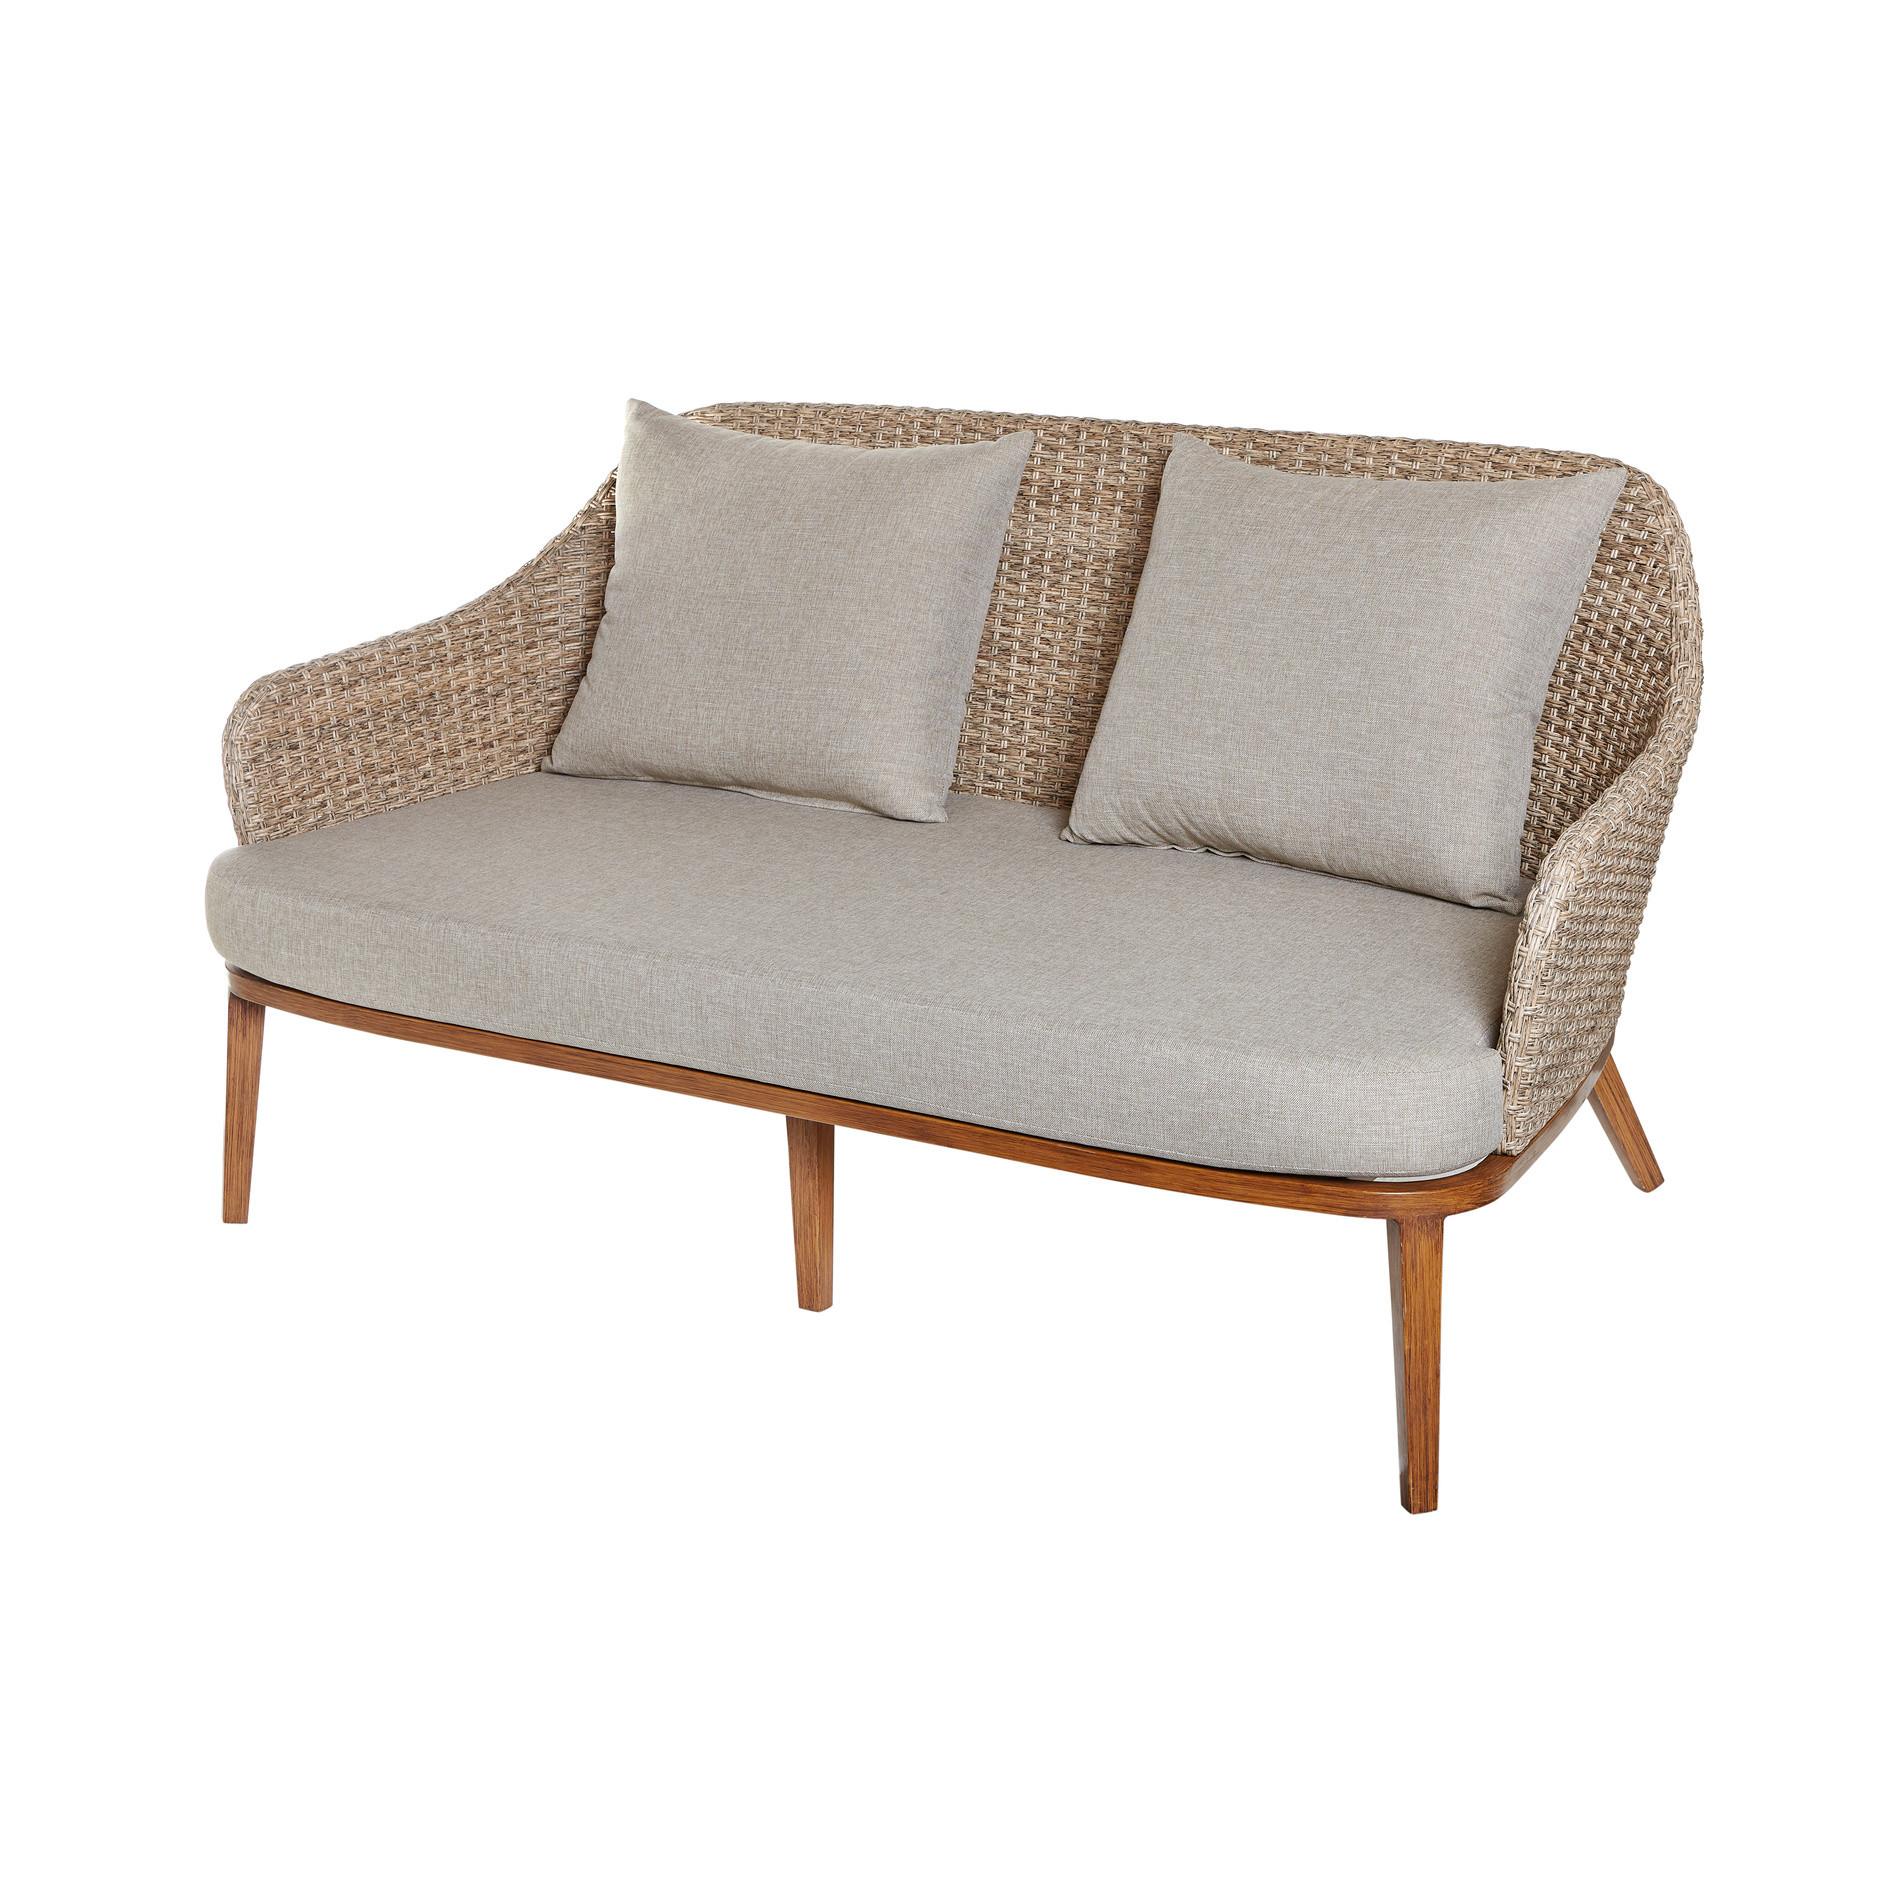 Small Outdoor Baltic Sofa In Polyrattan Coincasa